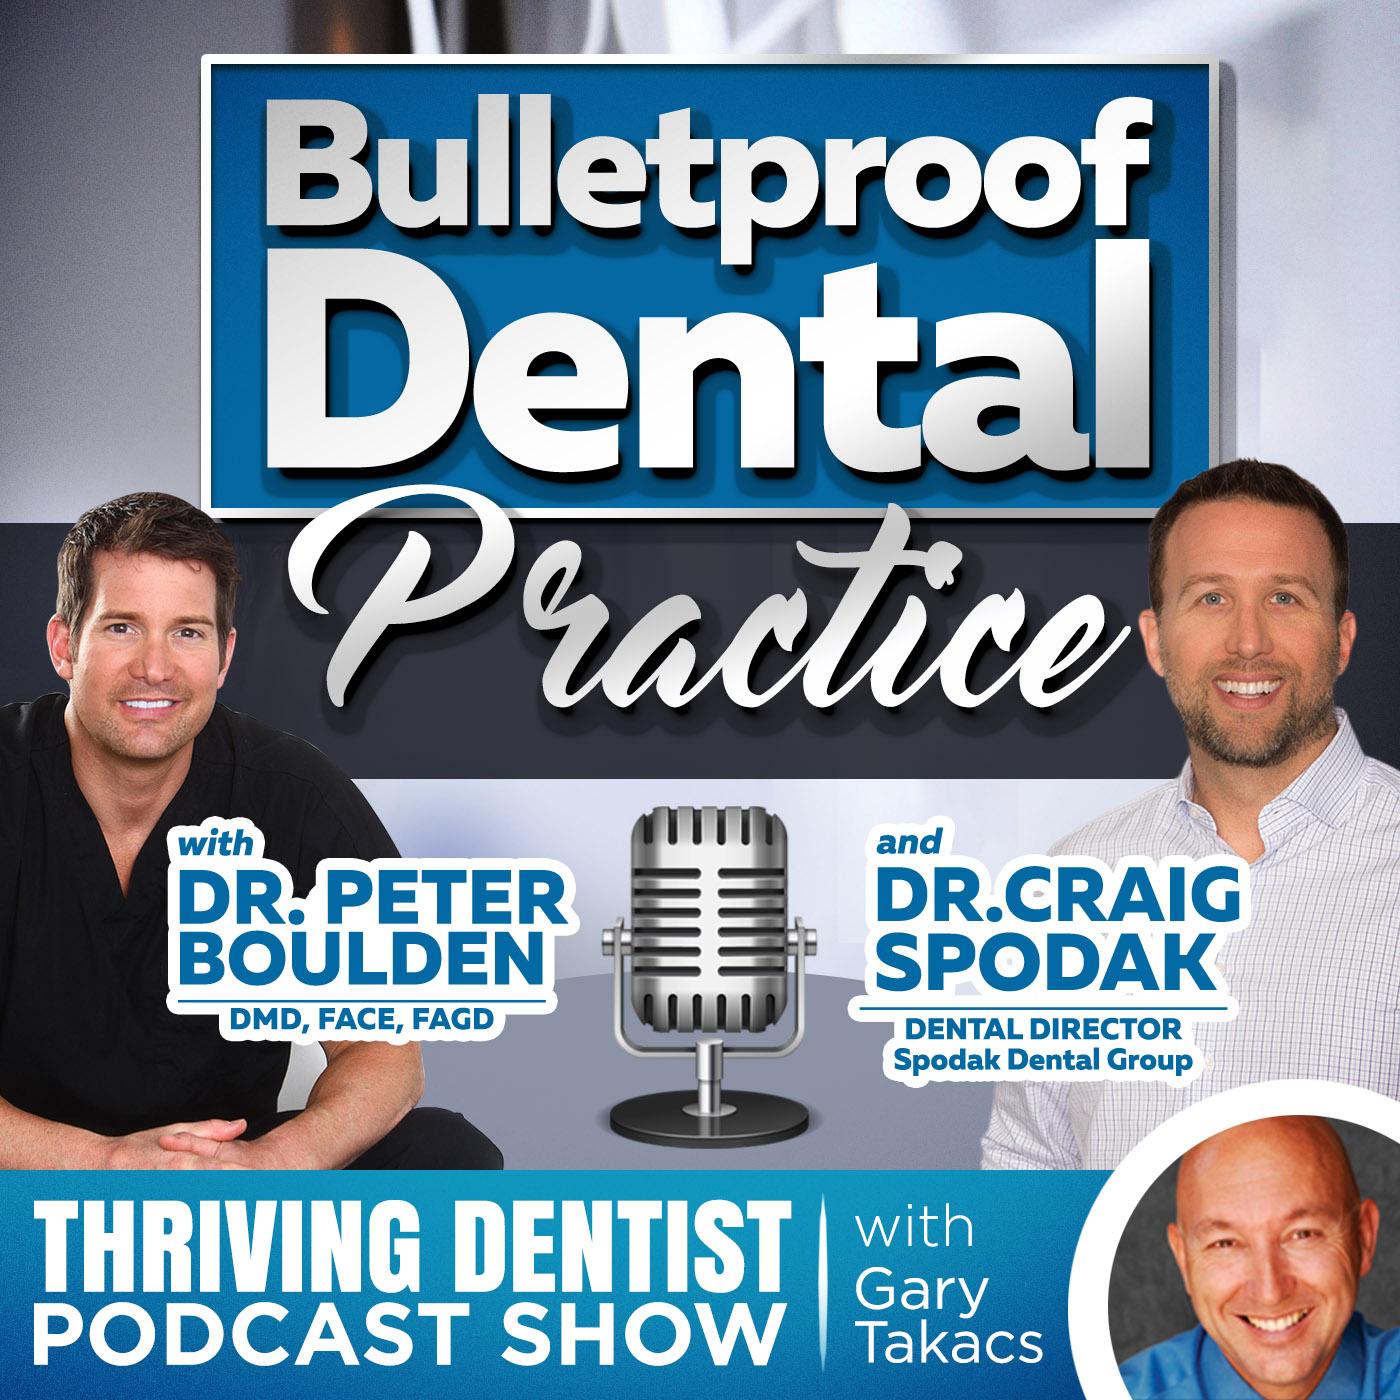 Artwork for DENTISTRY: Dr. Spodak Talks with Gary Takacs on Thriving Dentist Podcast Show